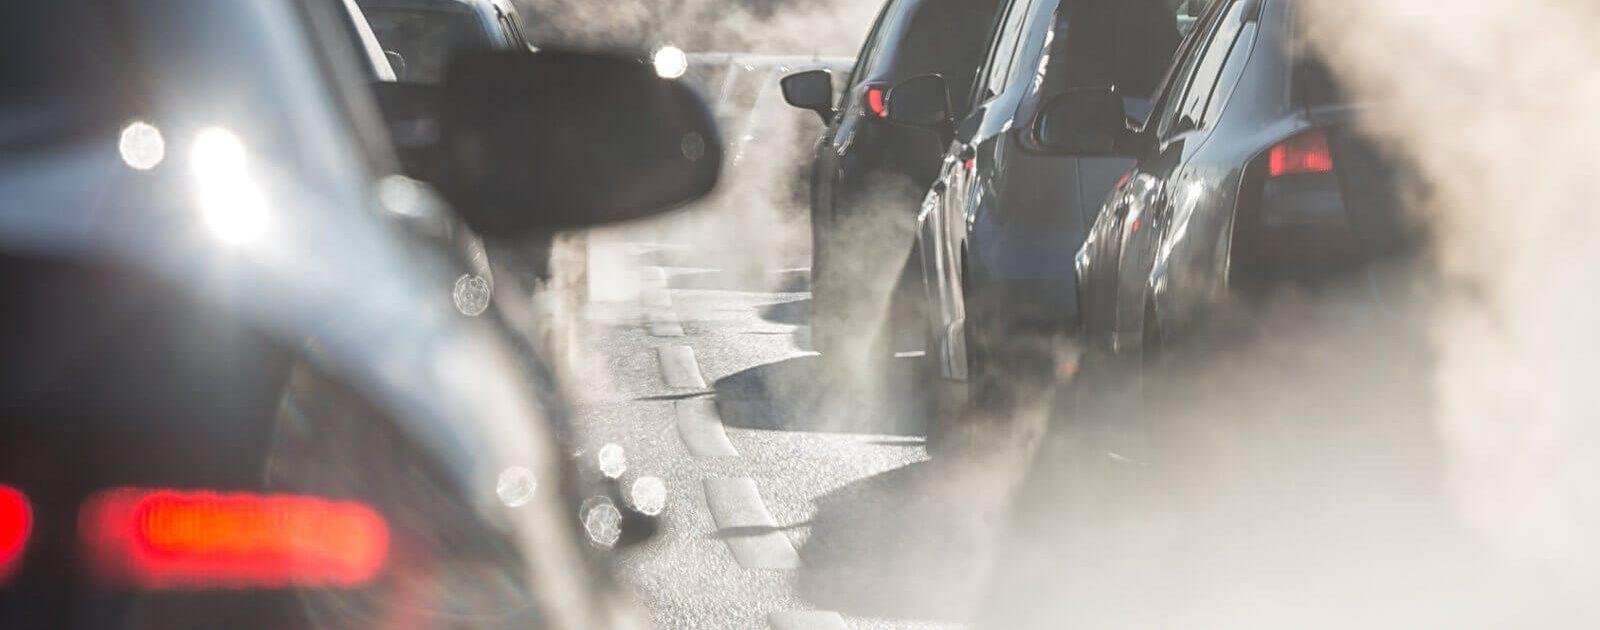 Feinstaub aus dem Auspuff von Autos belastet unsere Nasen und können Nasenbeschwerden hervorrufen